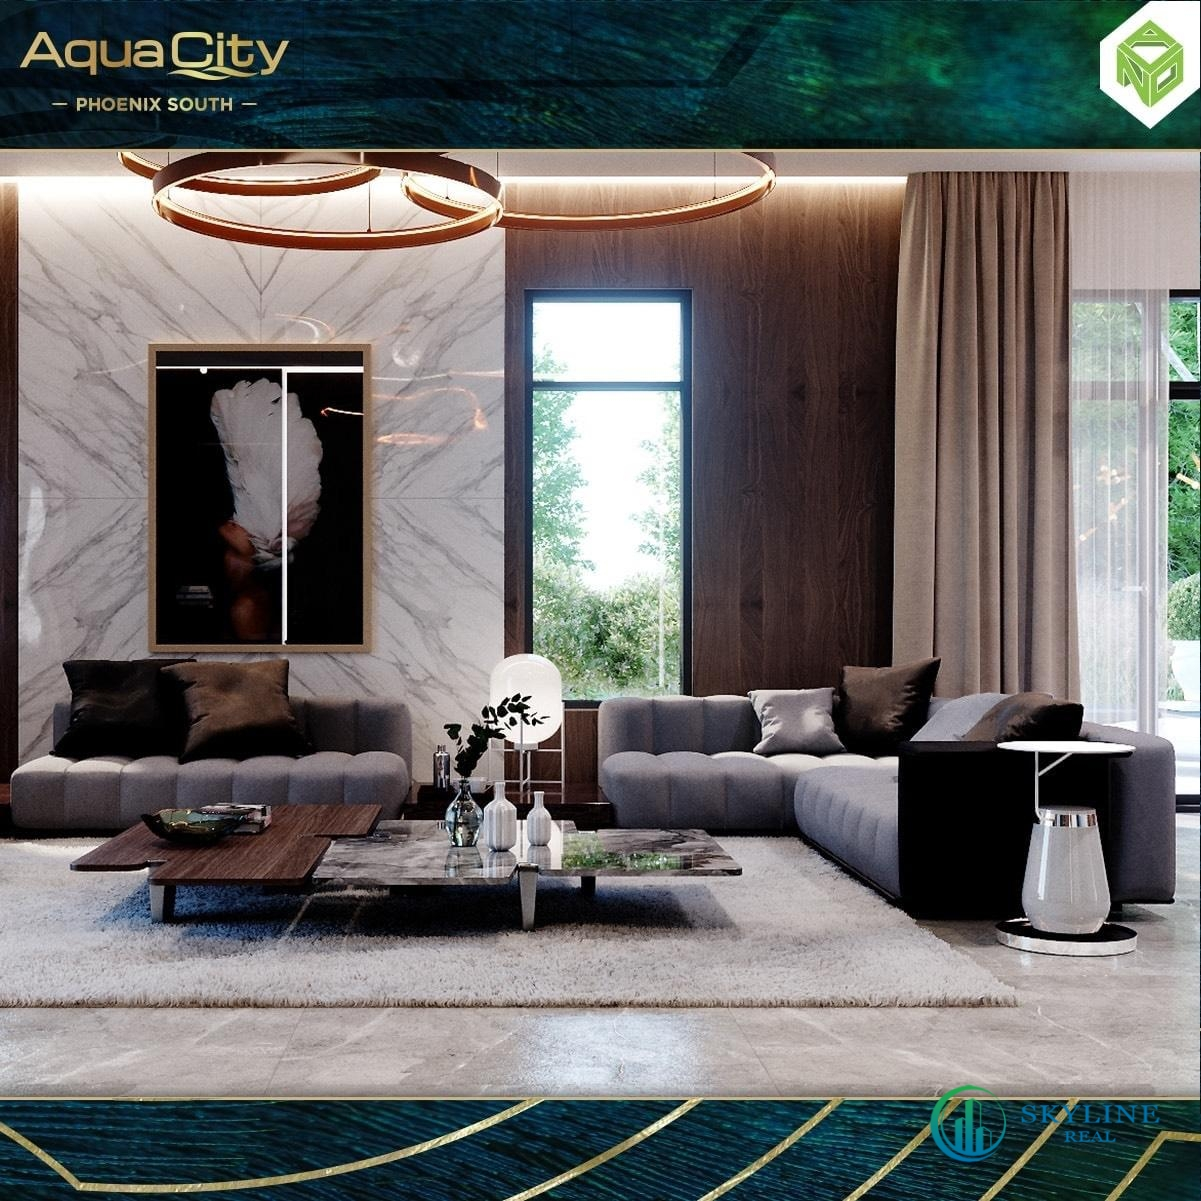 Aqua City Phoenix South - Tuyệt tác kiến trúc hiện đại